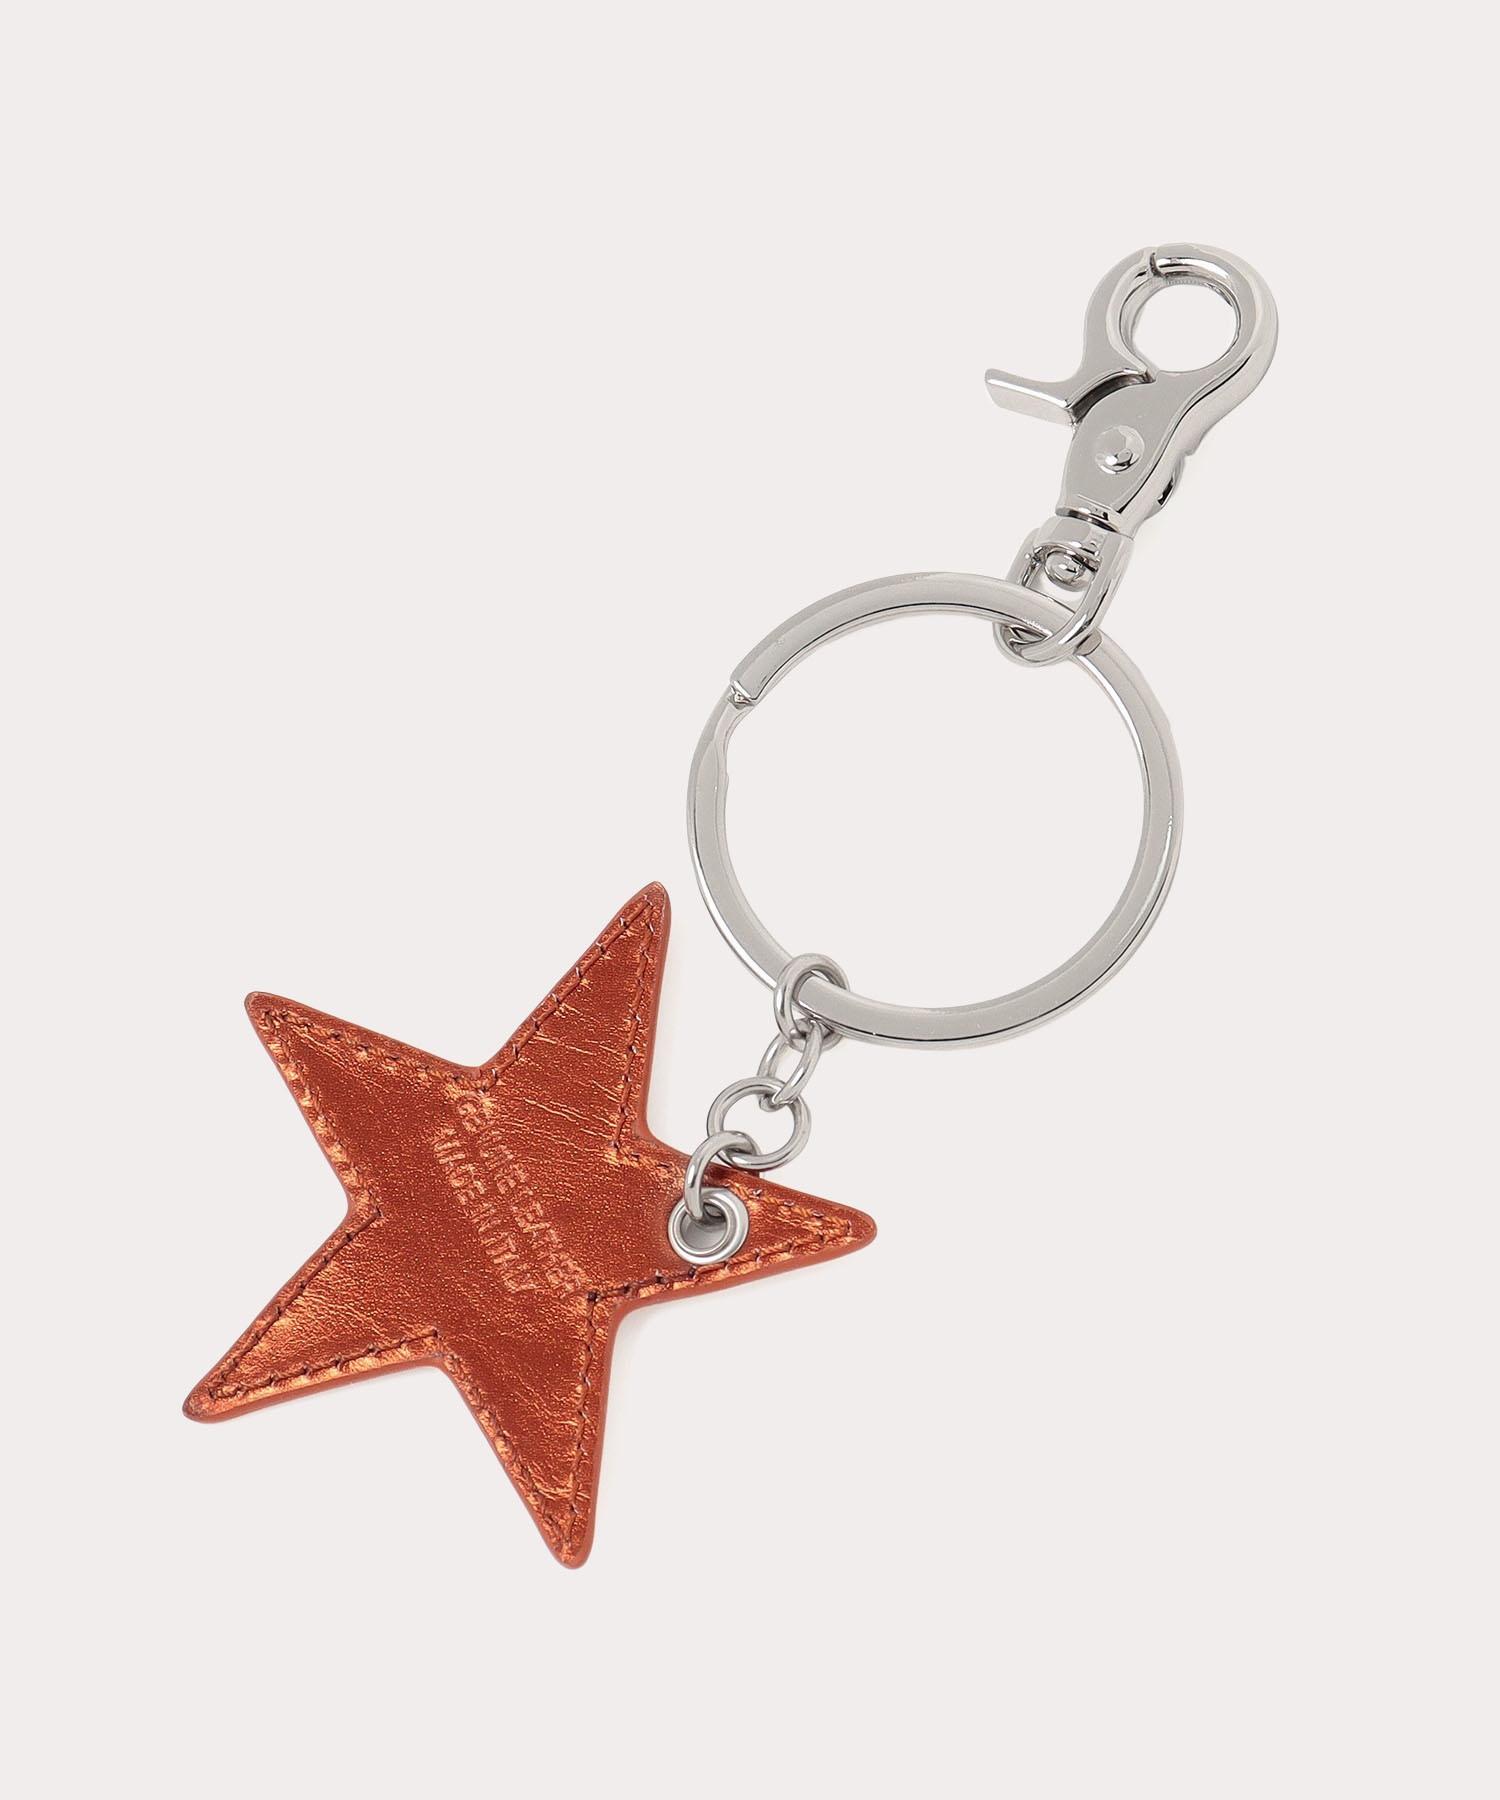 CHELSEA STAR キーホルダー